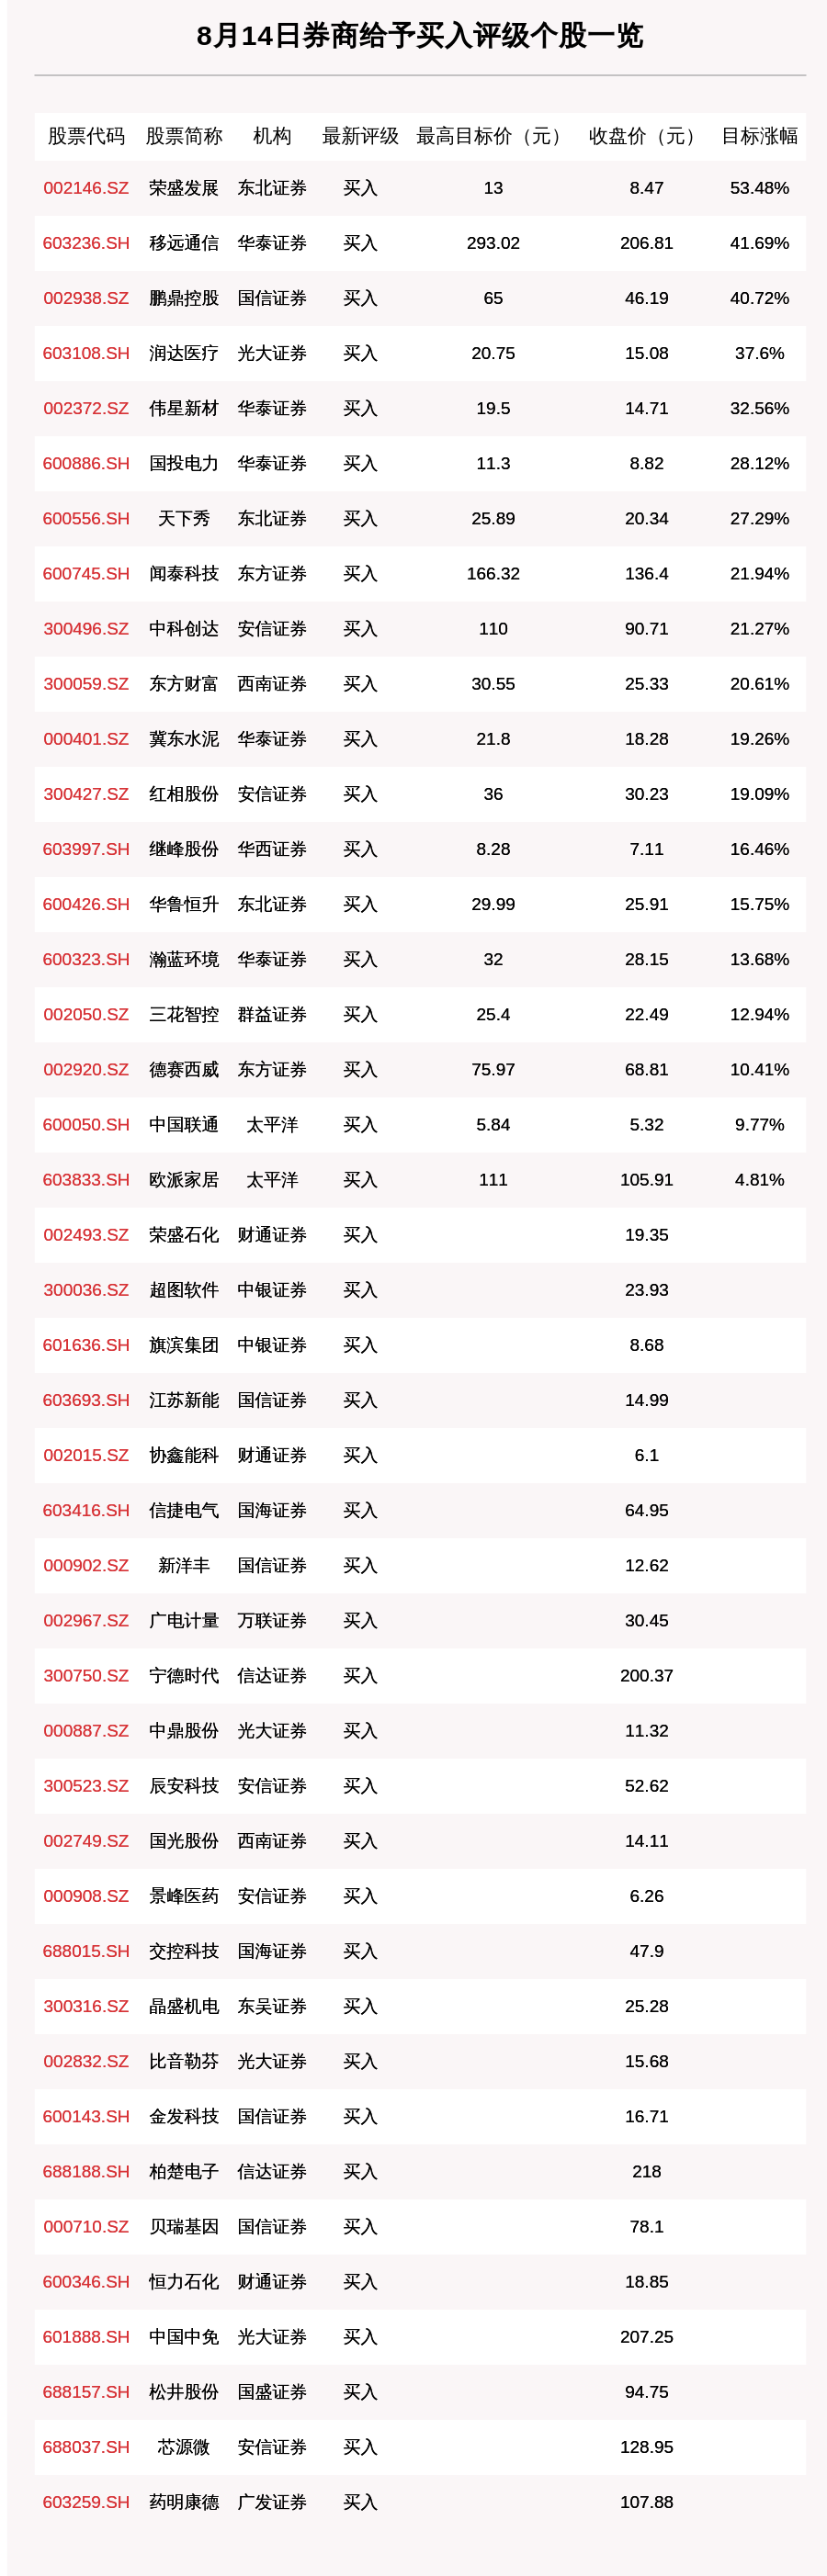 8月14日43只个股获券商买入评级,荣盛发展目标涨幅达53.48%